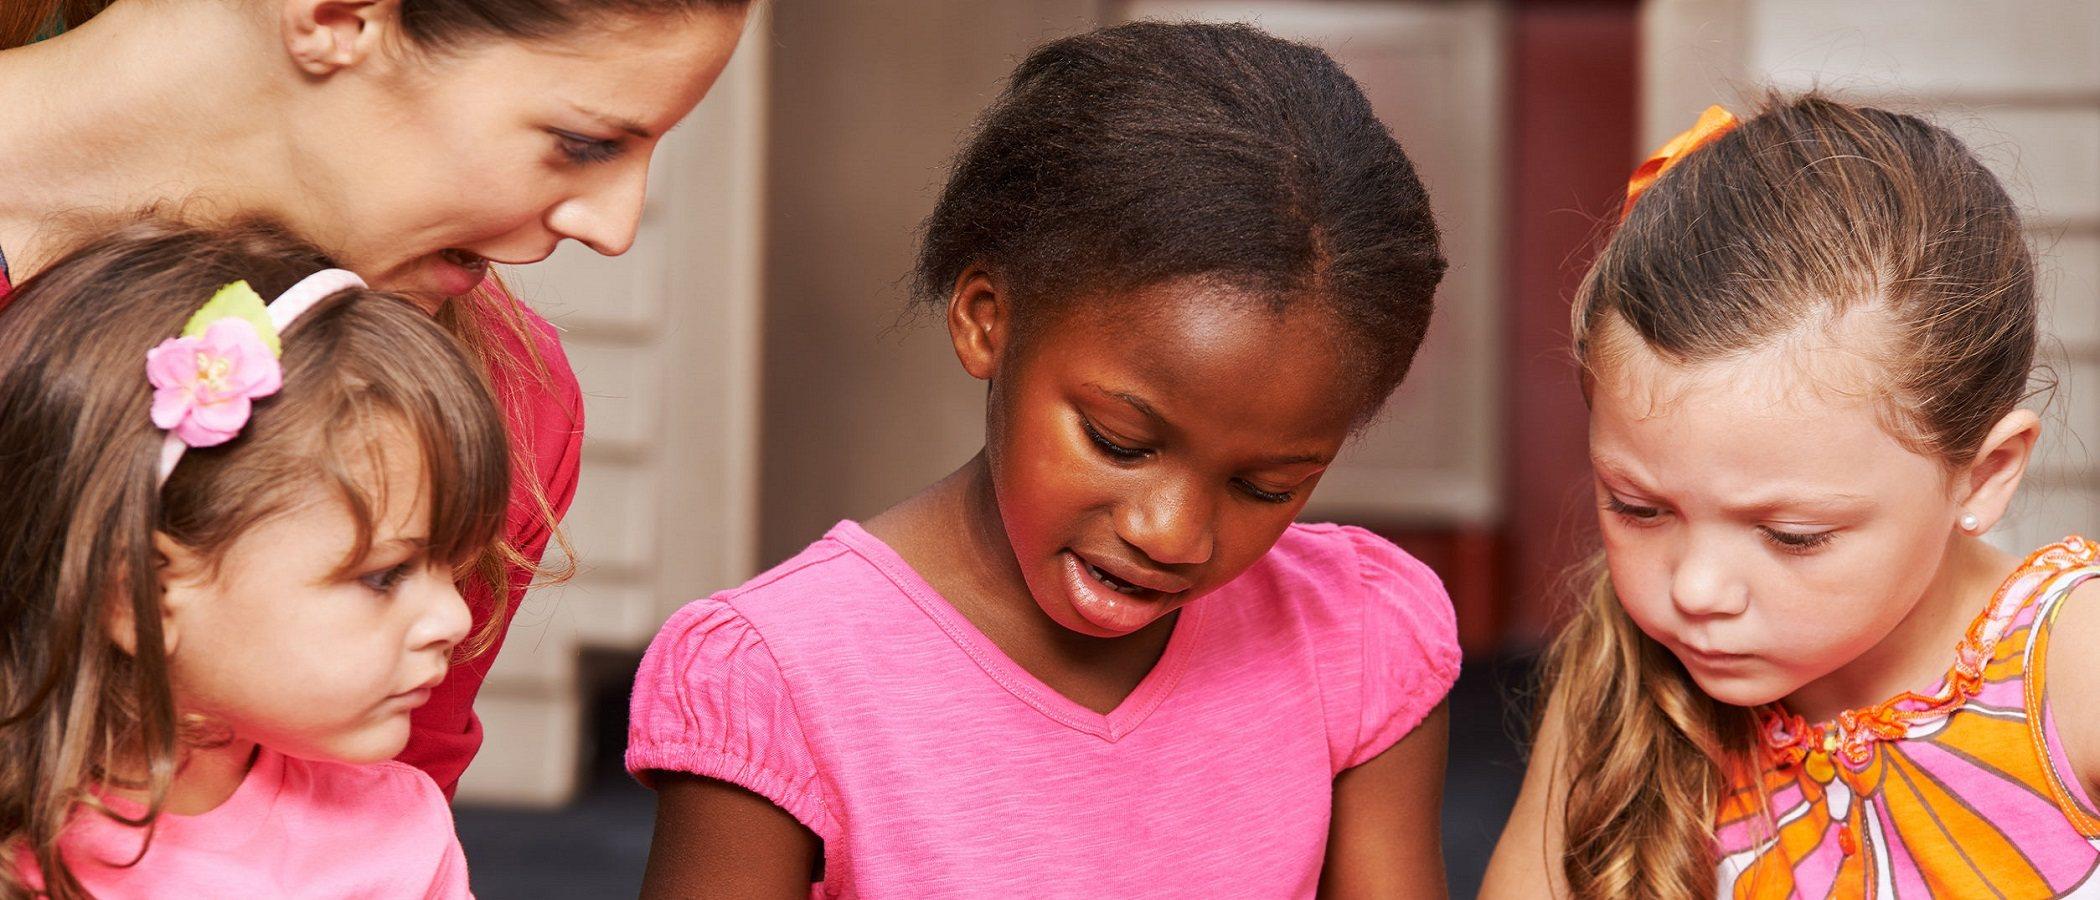 La importancia de enseñar autodisciplina a los niños